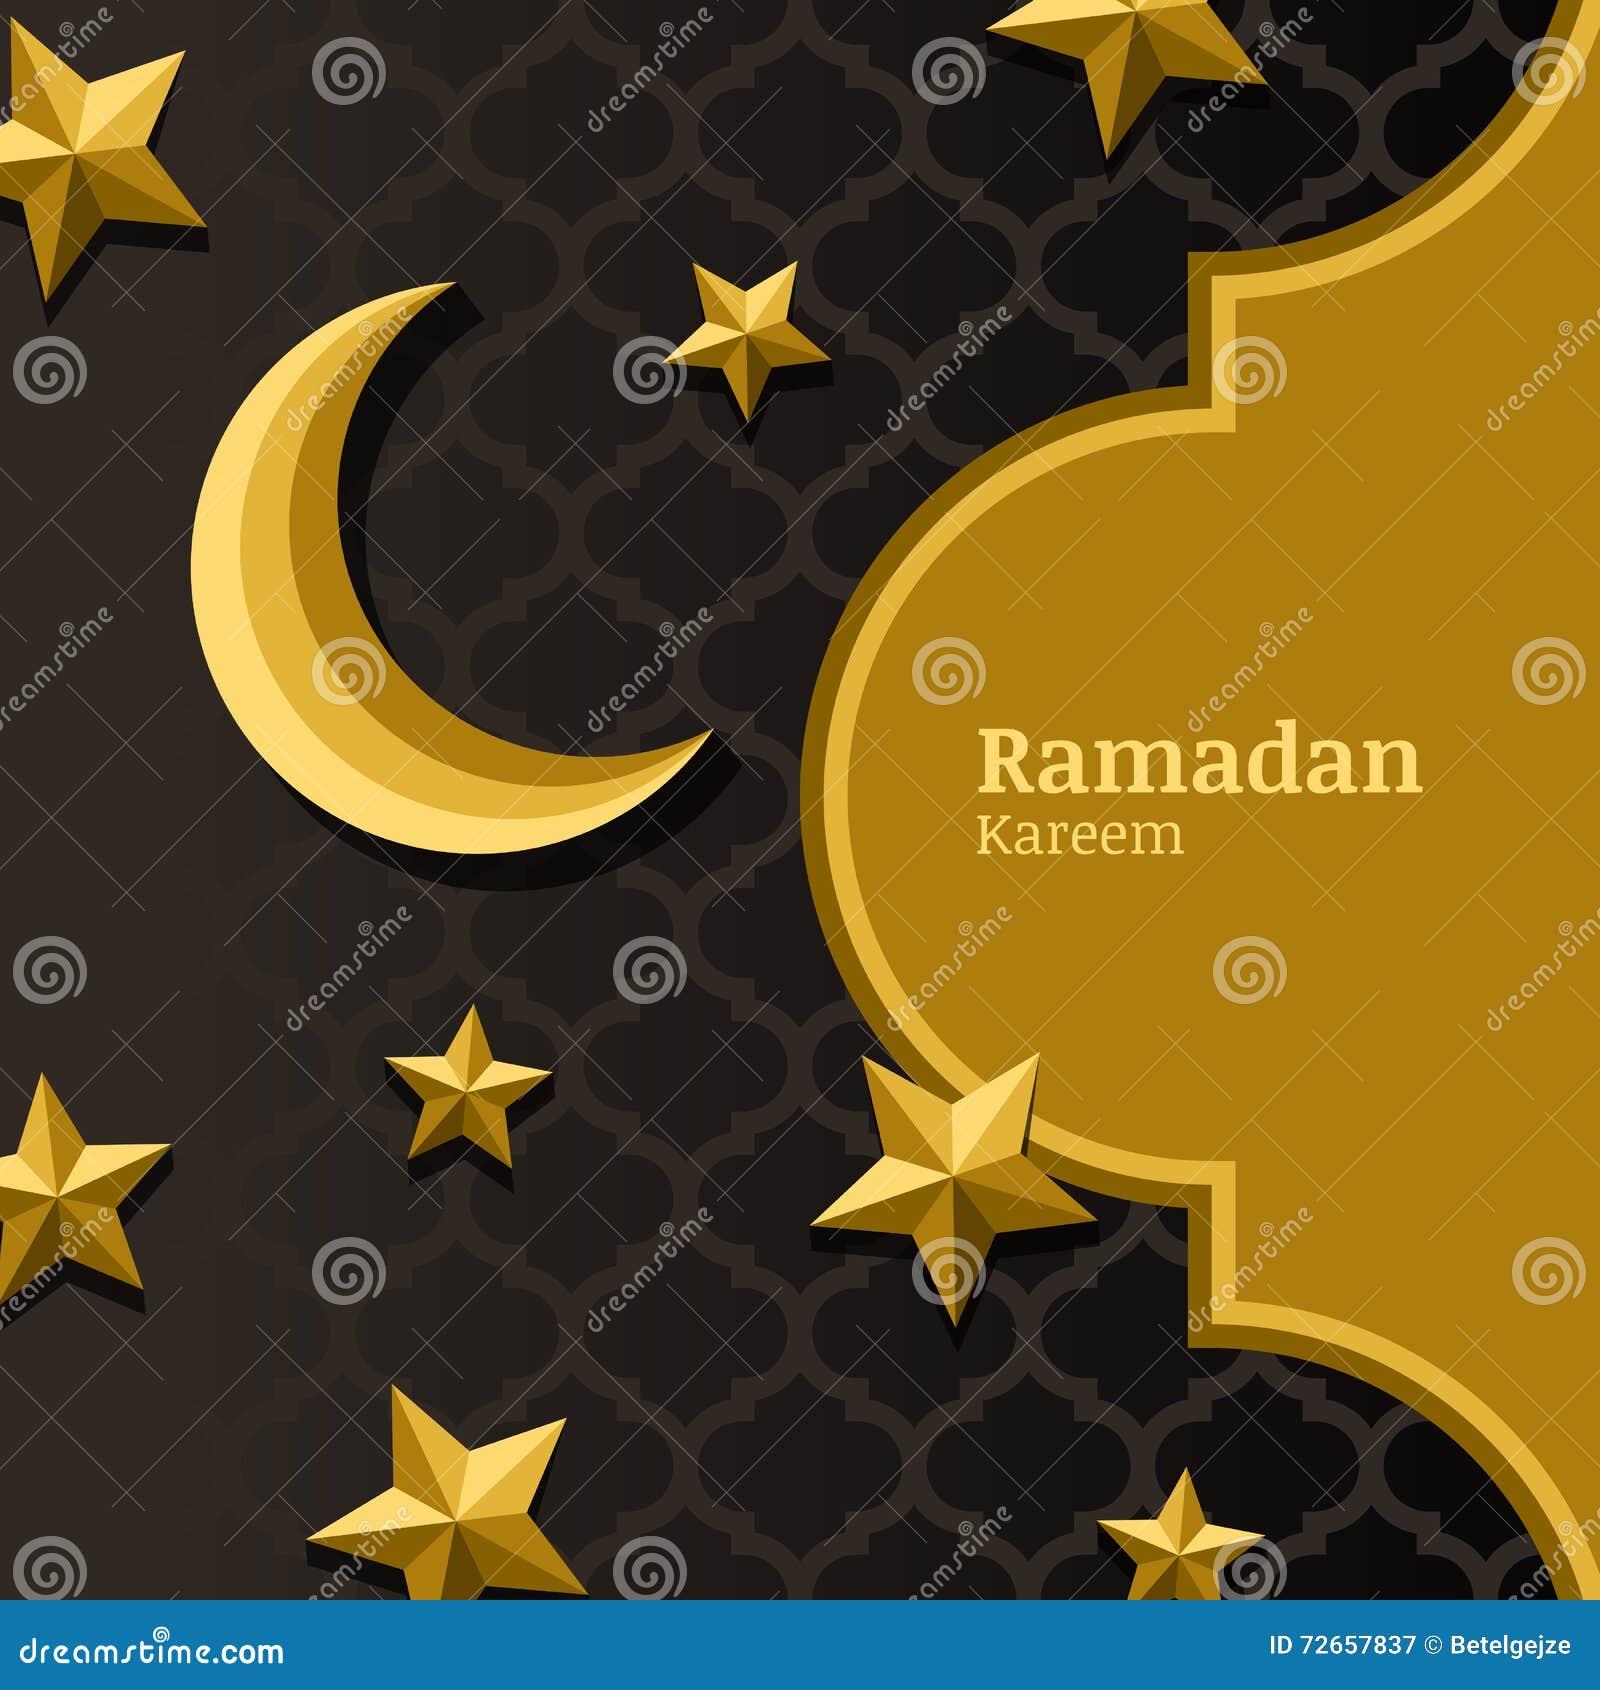 Vector Arabisches Muster, 3d Stilisierten Goldenen Mond, Sterne Und ...